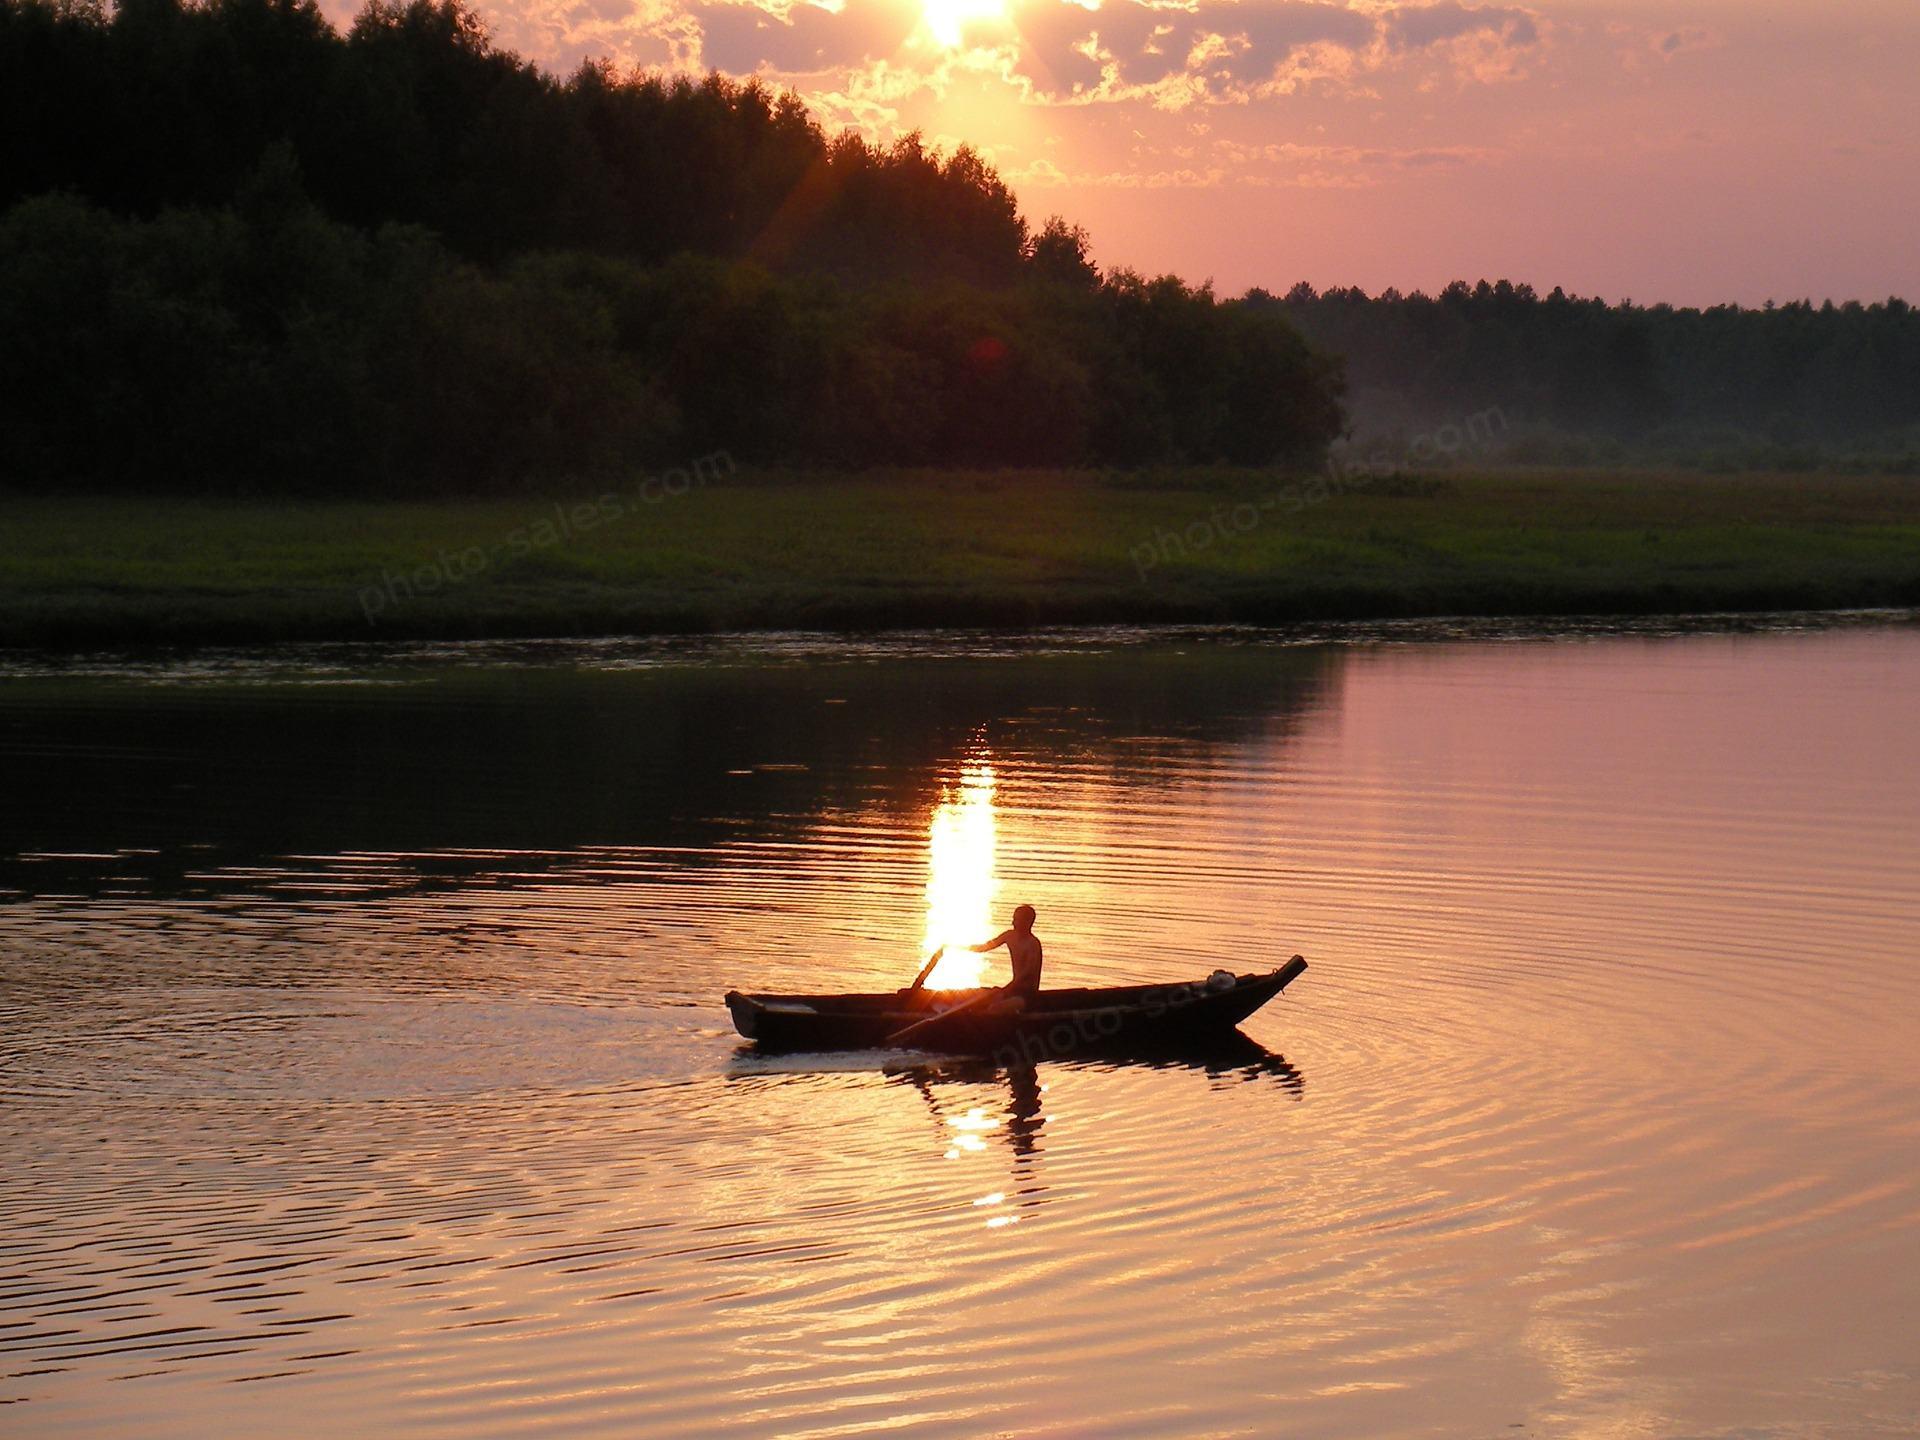 یک مرد در یک قایق در غروب آفتاب